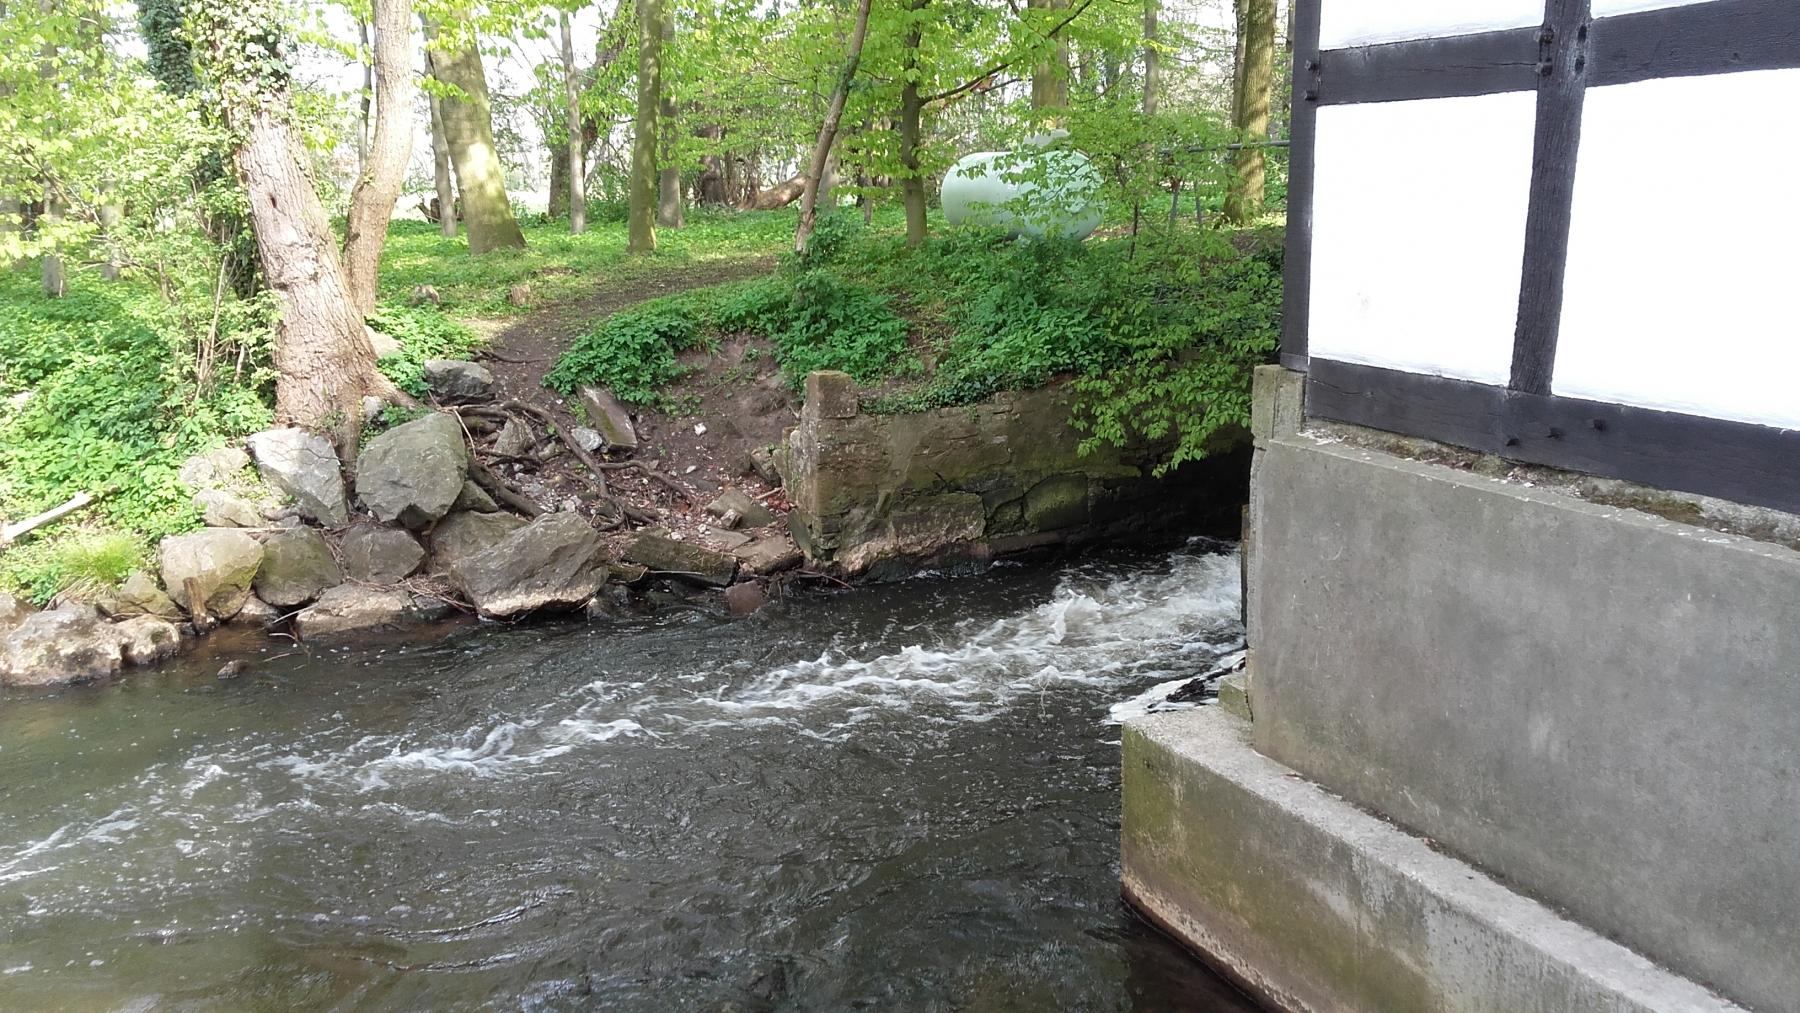 Wishart-John-17-Challenge-Nature-Run-qCLwk